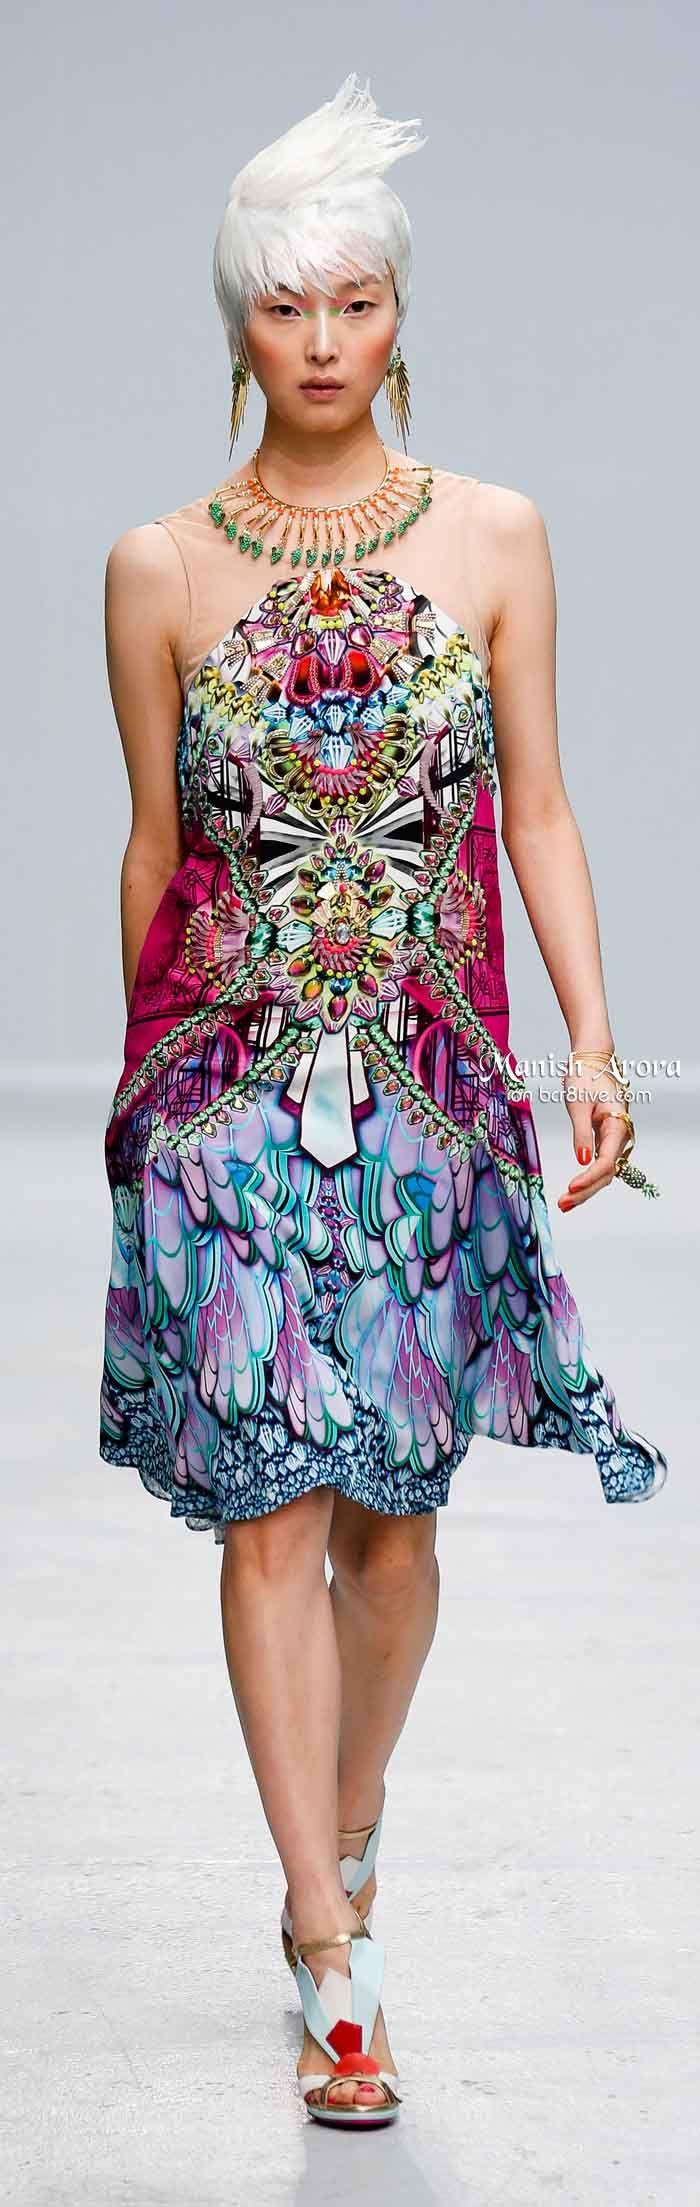 Manish Arora Spring 2014 i | . 2019 / 2020 fashion ...